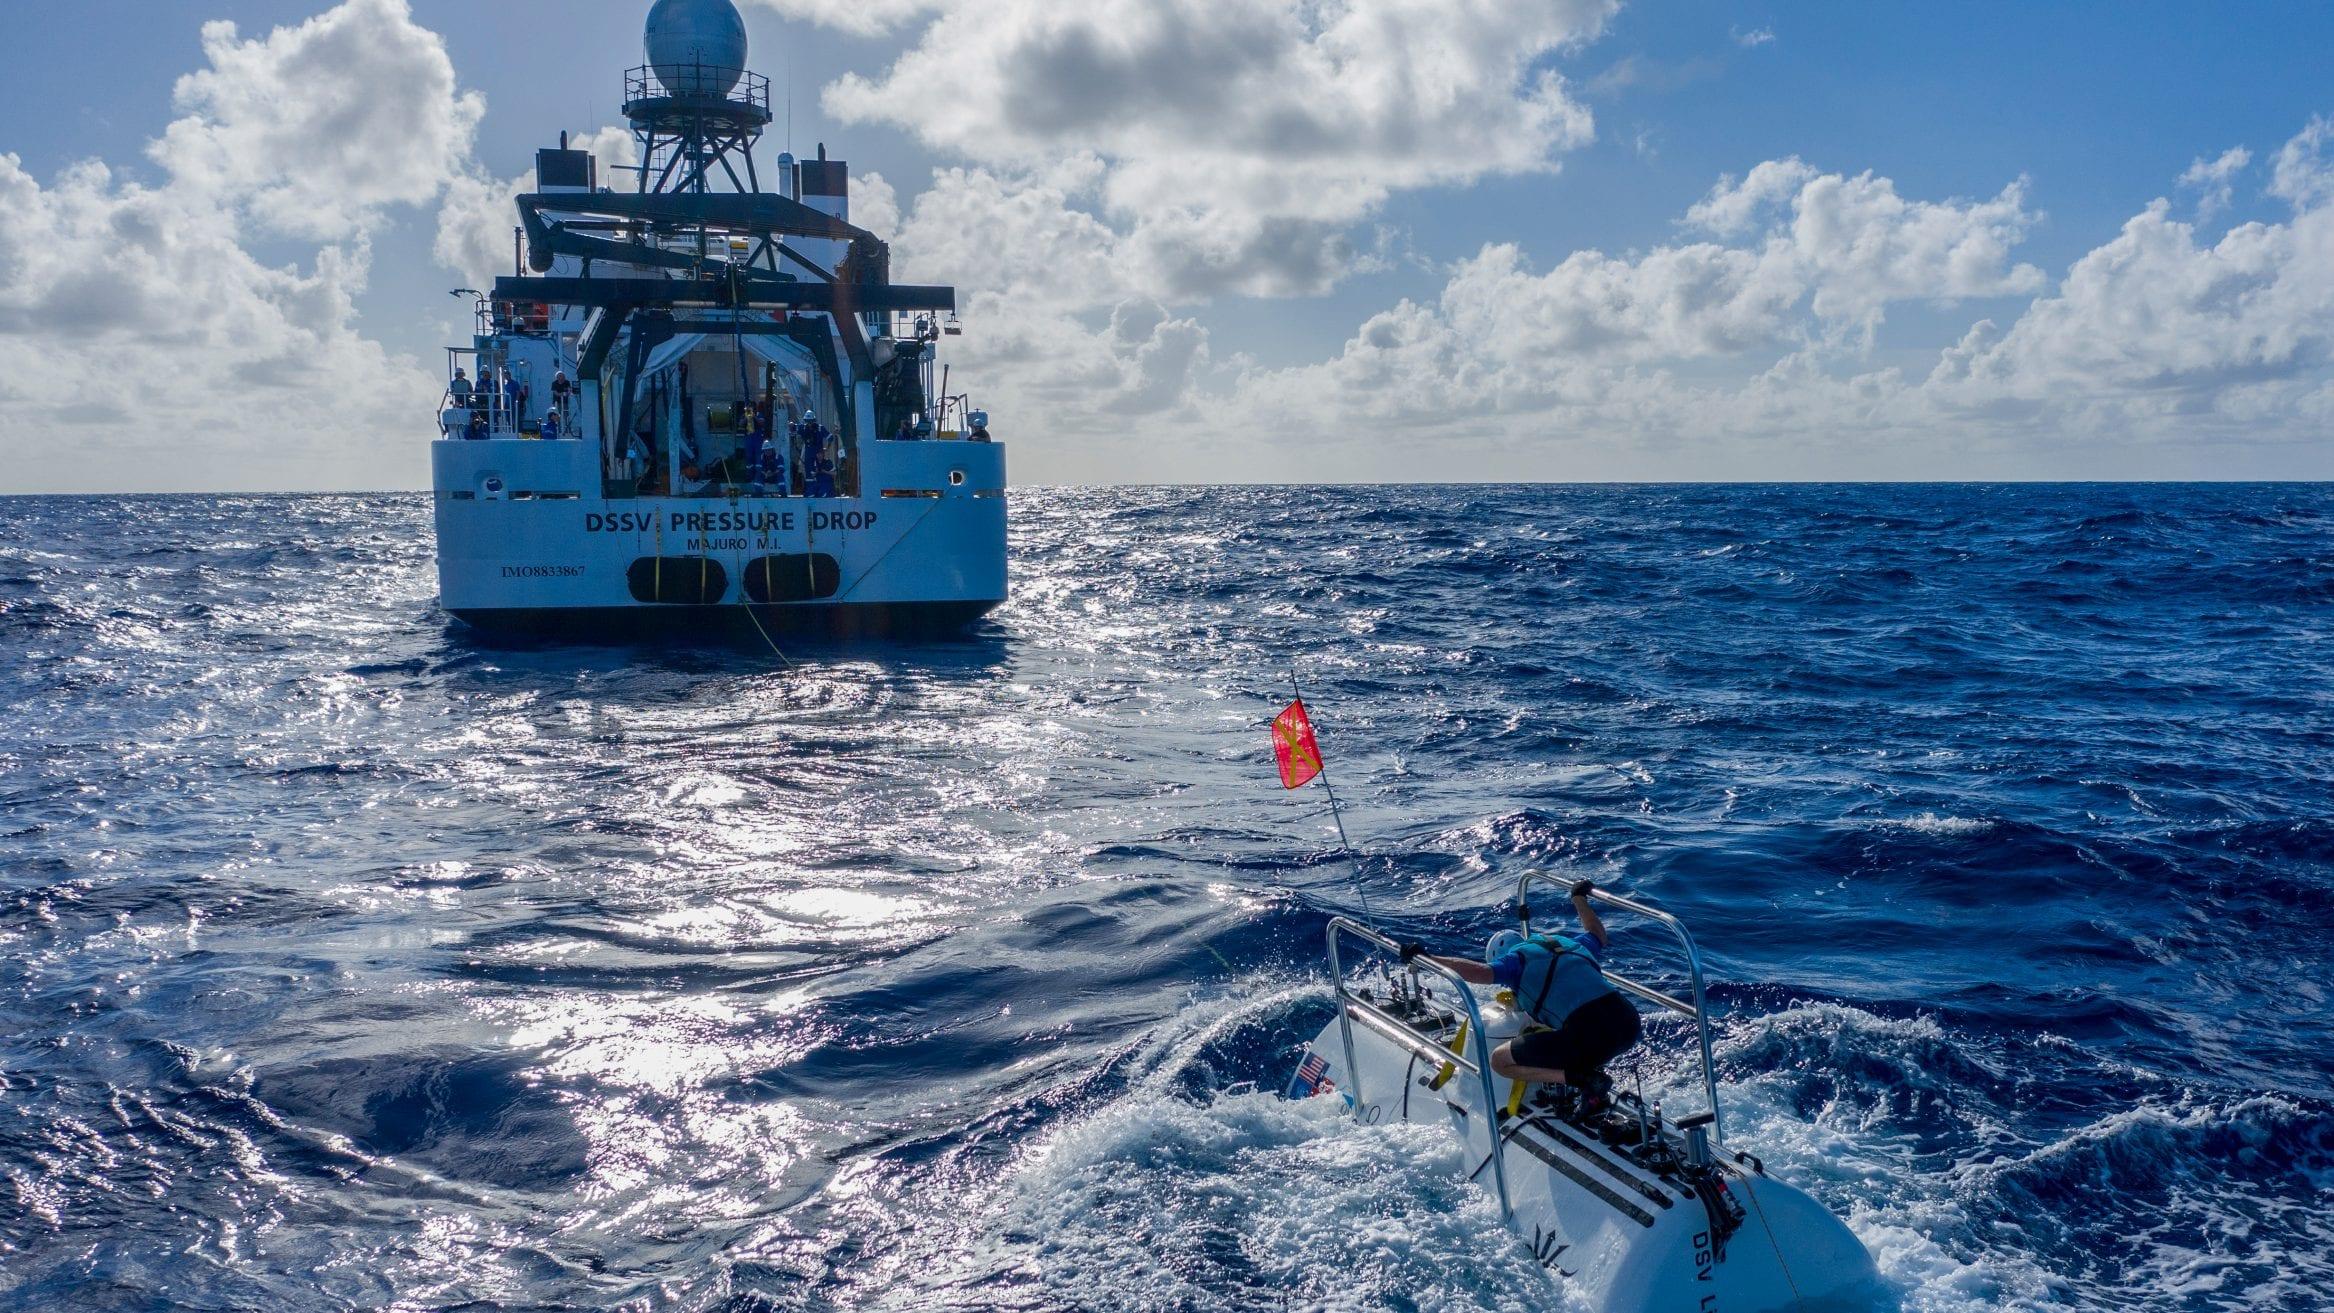 Five Deeps EYOS Expeditions Pressure Drop Molloy Arctic Trench Exploration Victor Vescovo